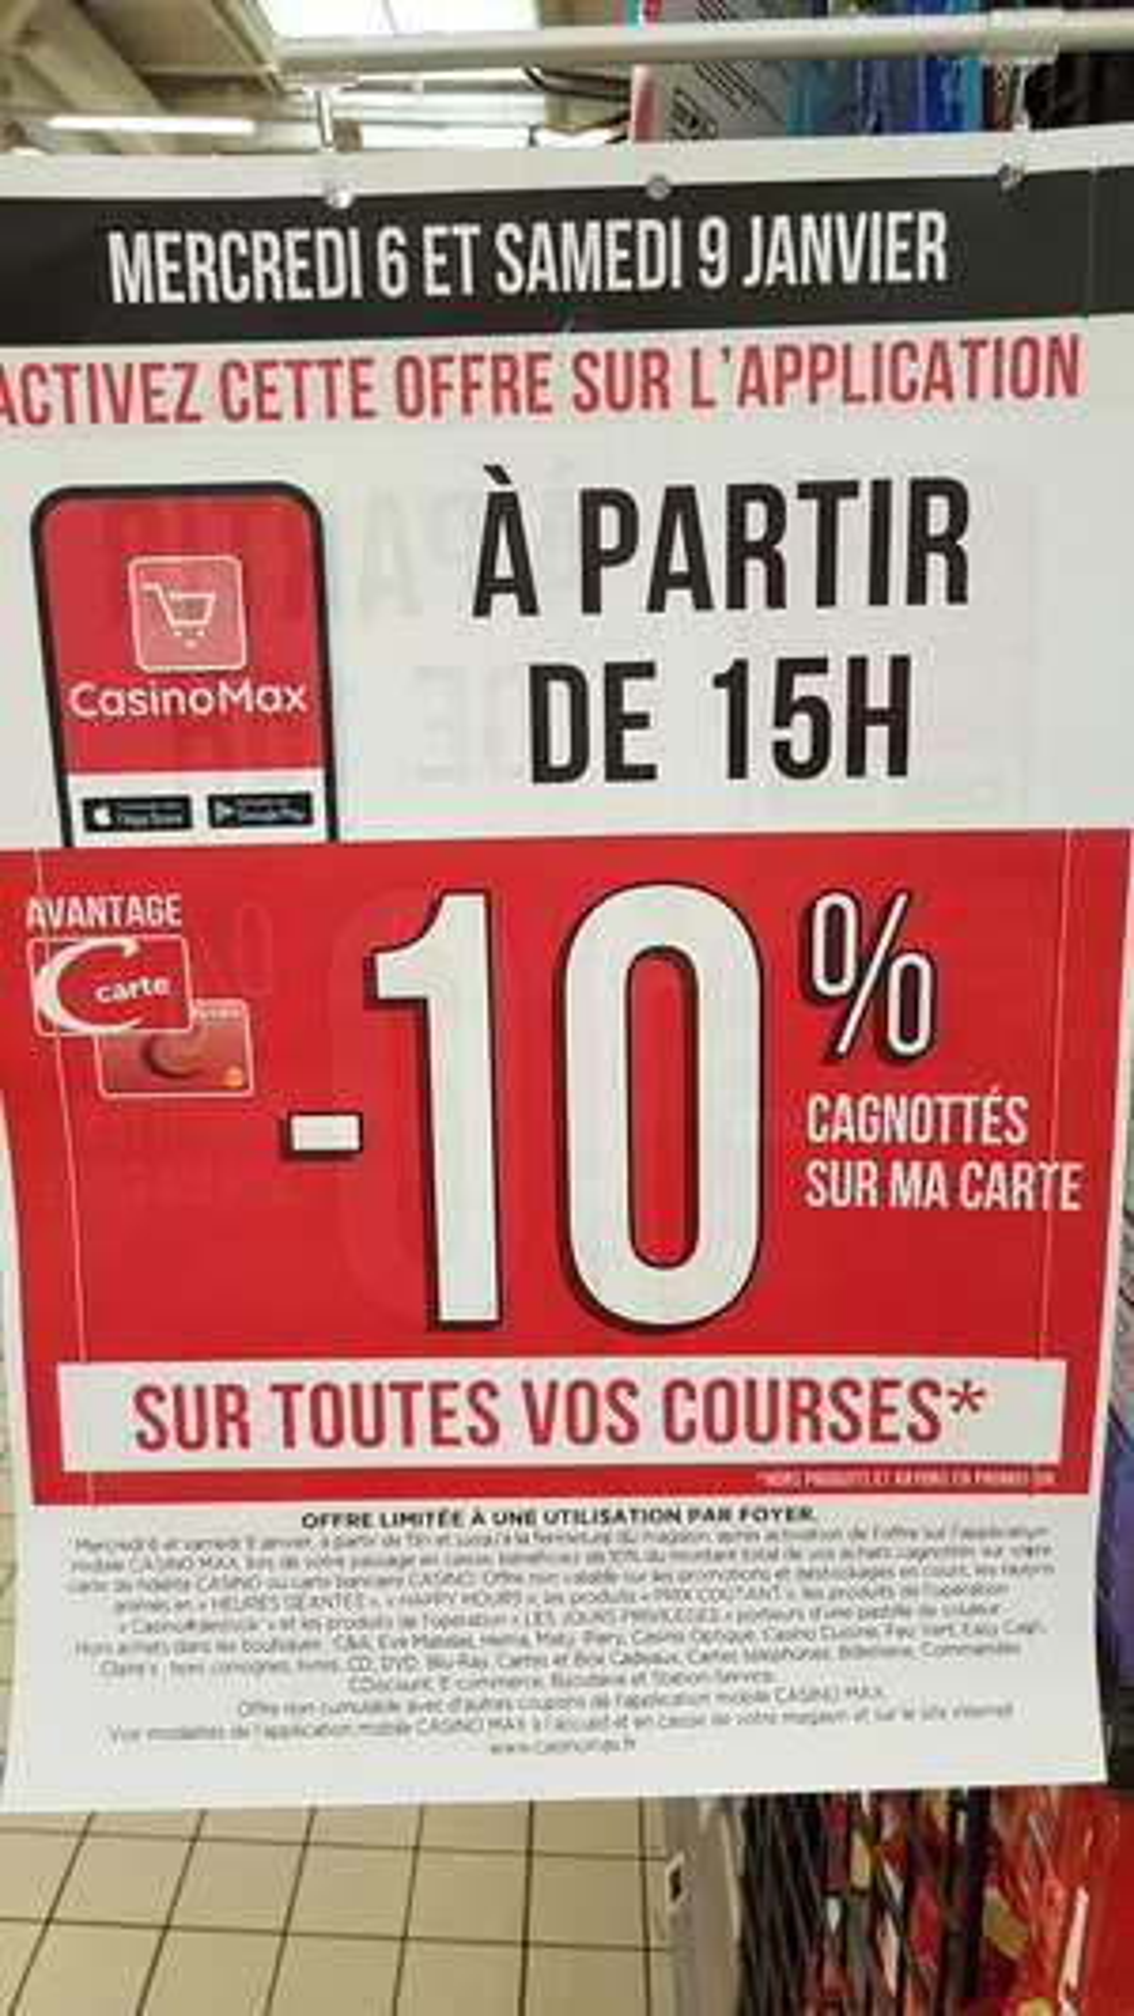 [Casino Max] 10% remboursés sur vos courses (Hors exceptions/promotions) - Angoulême (16)